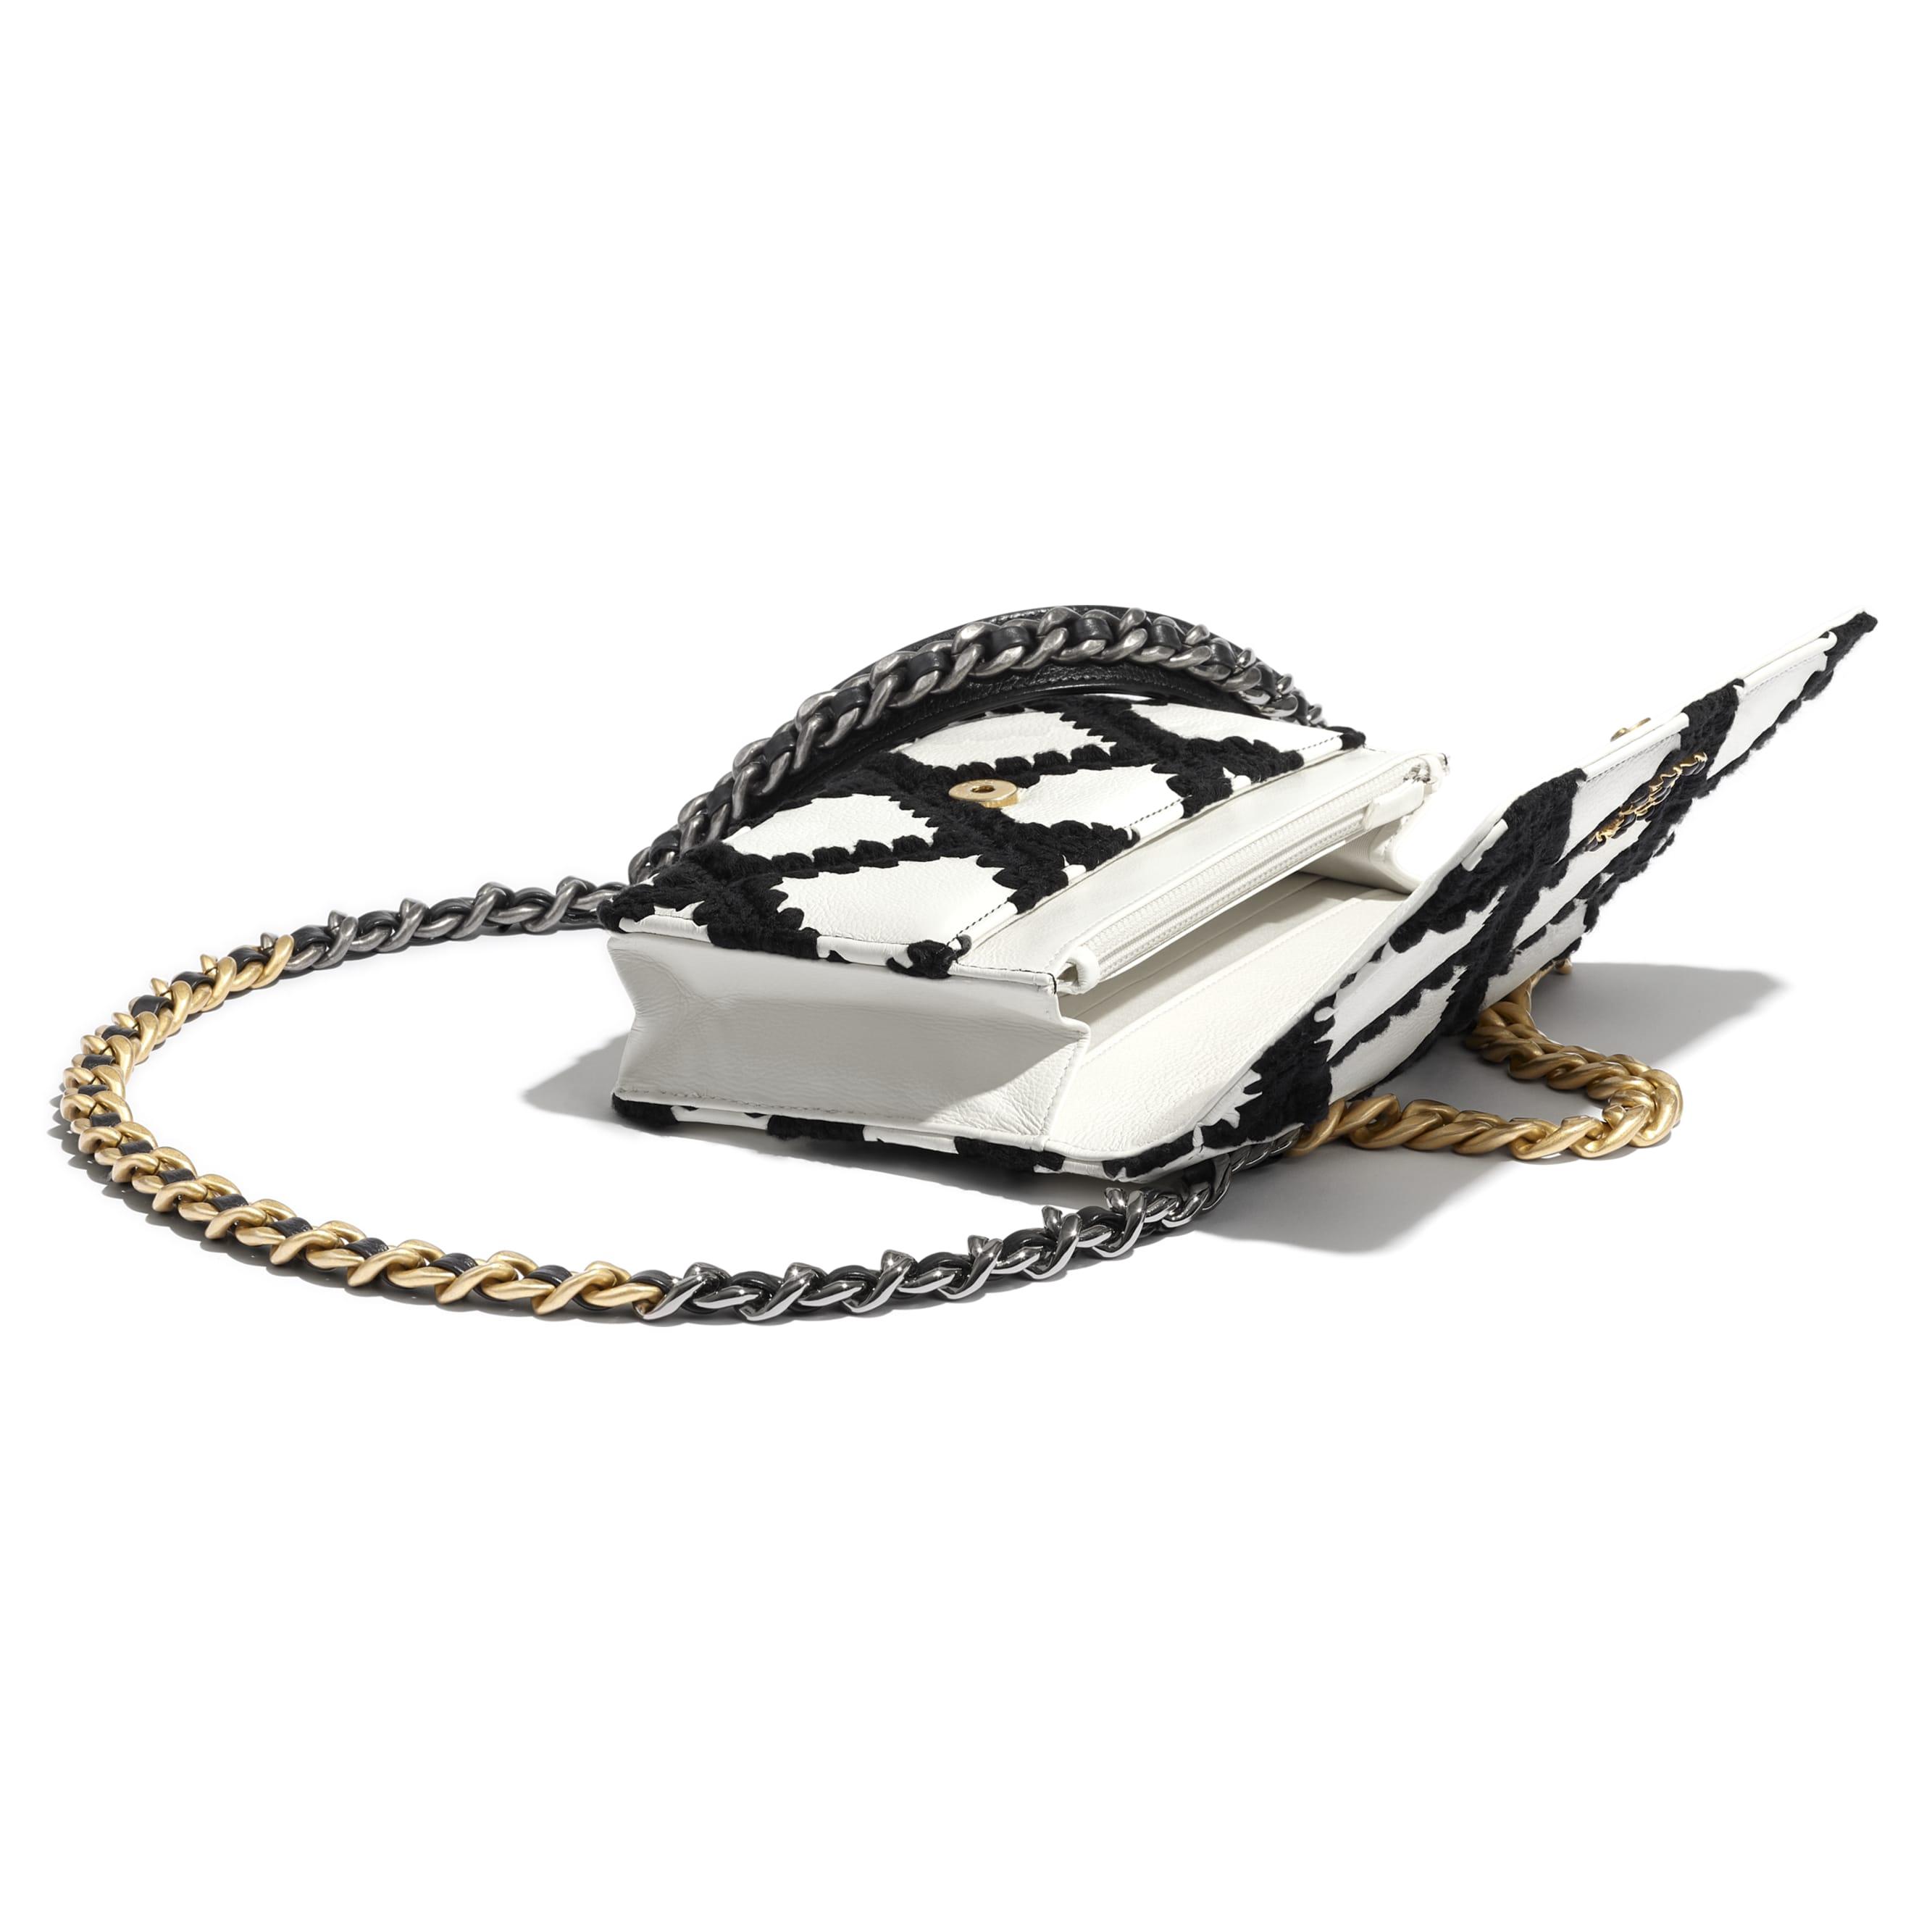 Brieftasche mit Kette CHANEL 19 - Weiß & Schwarz - Kalbsleder, Häkelstoff, goldfarbenes Metall, silberfarbenes Metall & Metall mit Ruthenium-Finish - CHANEL - Extra-Ansicht - Standardgröße anzeigen